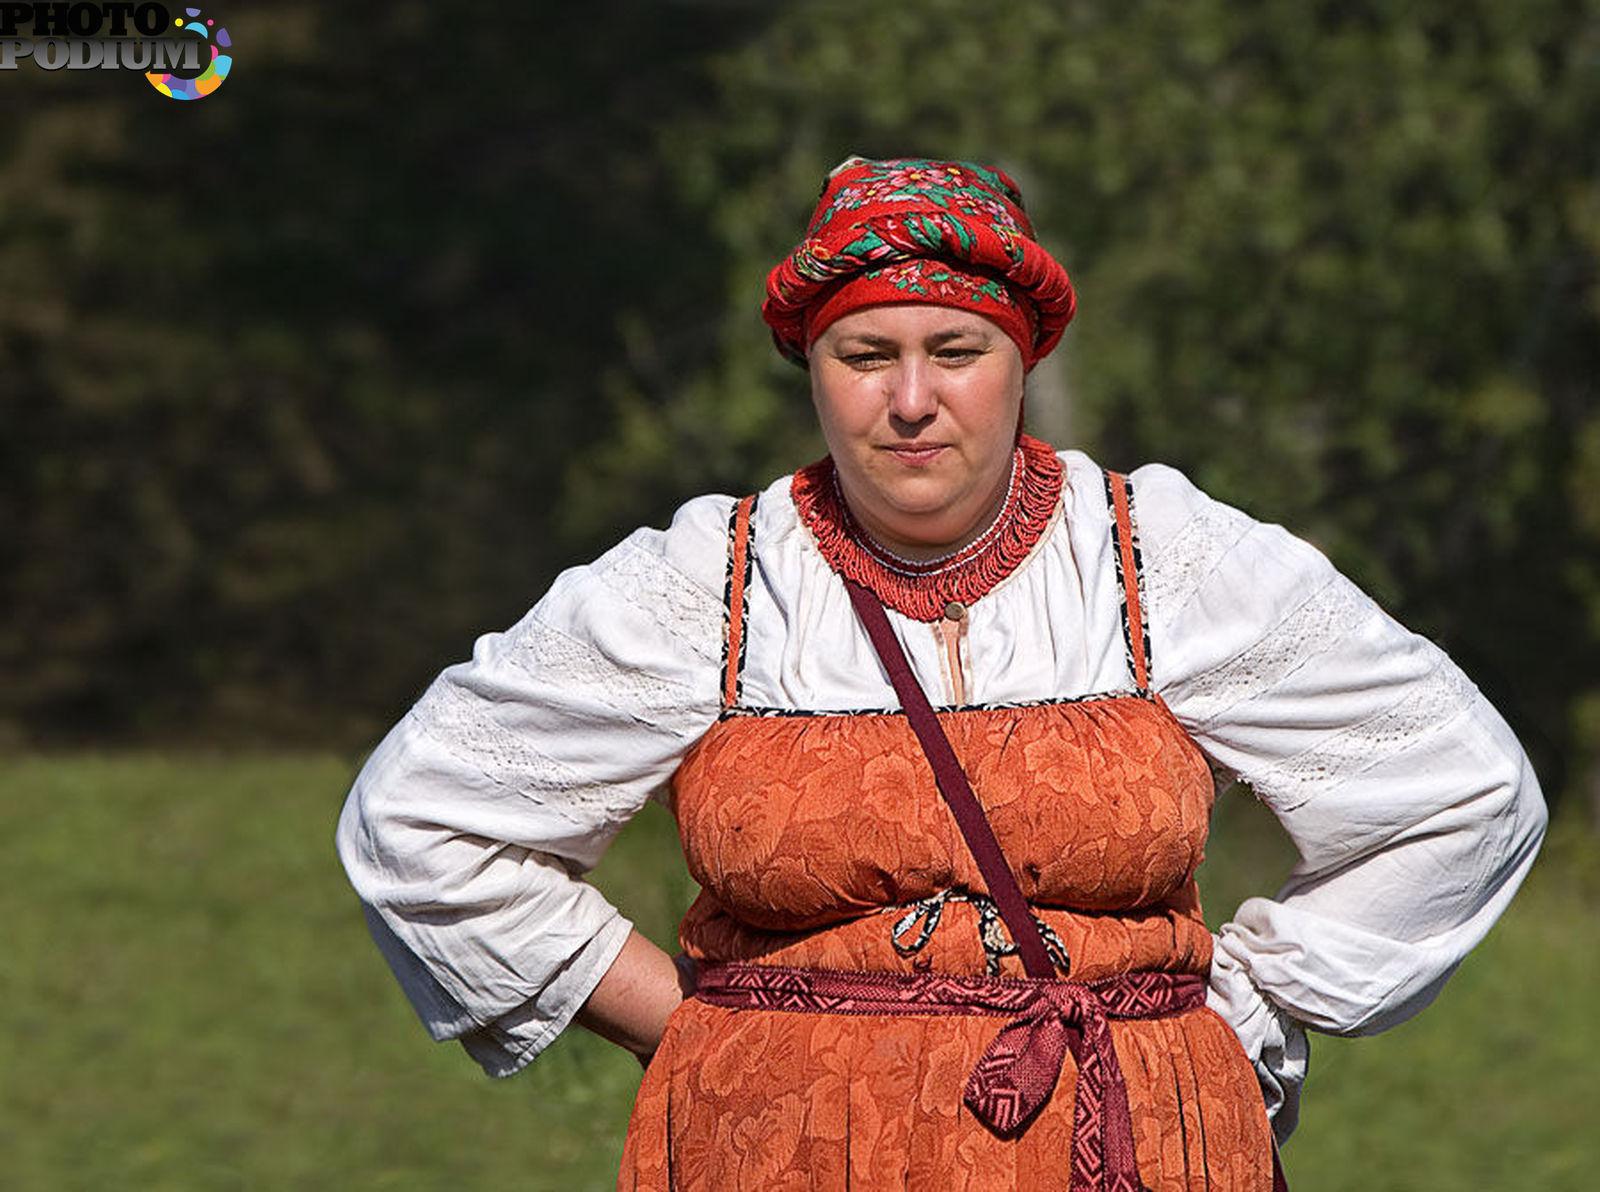 Русский женщины играют порносеомке 15 фотография